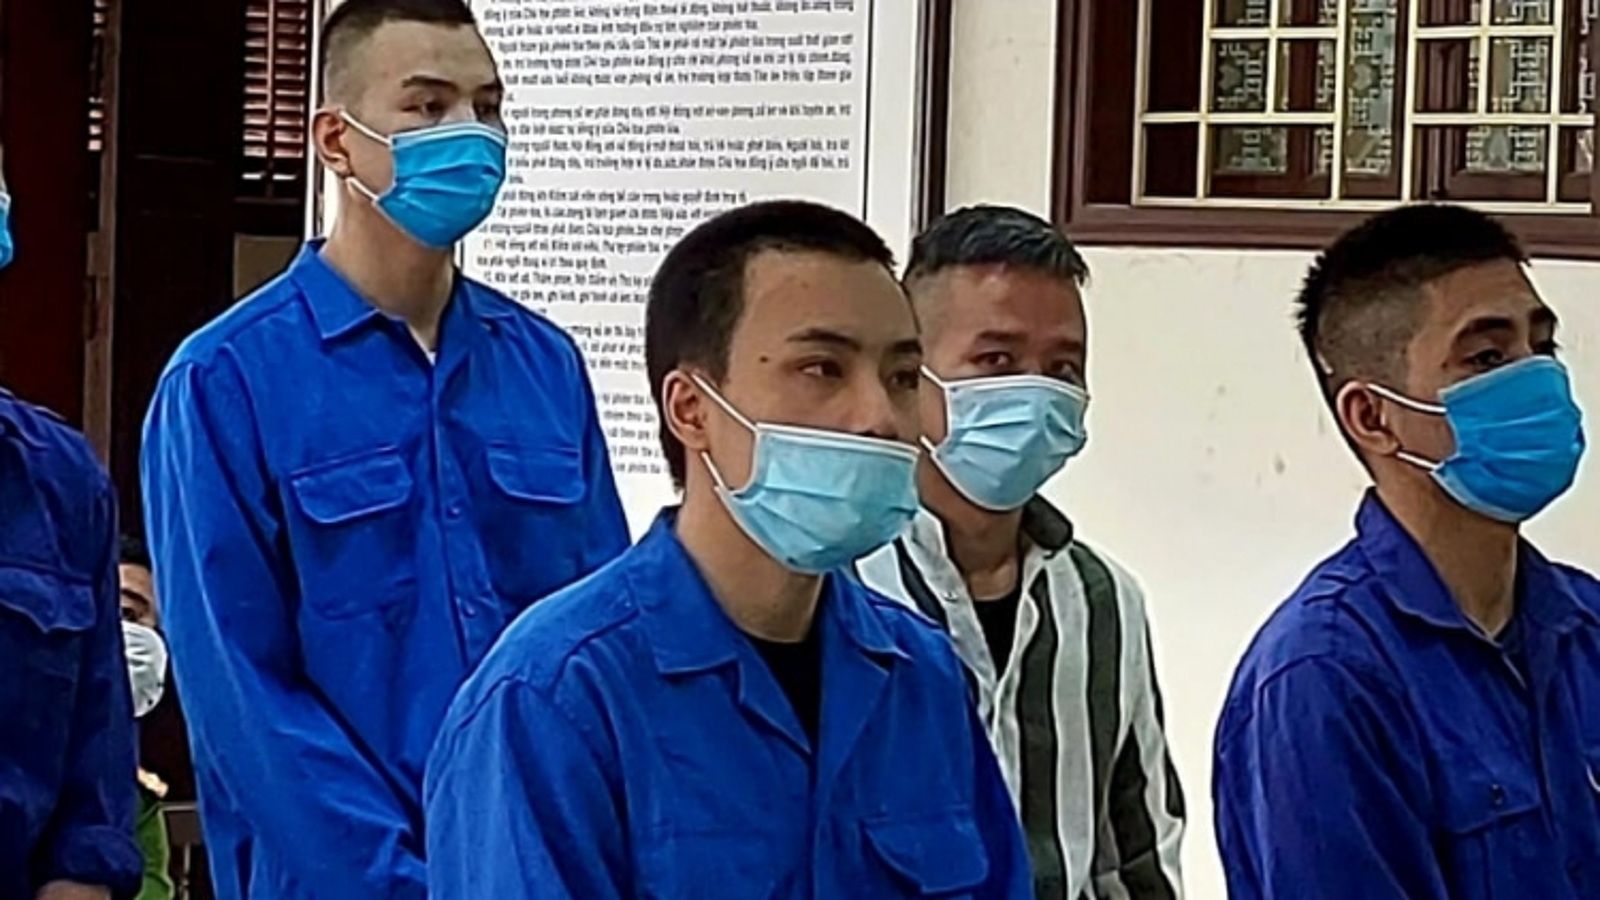 Con nuôi Nguyễn Xuân Đường nhận thêm án 8 năm tù vì chém trọng thương lái xe